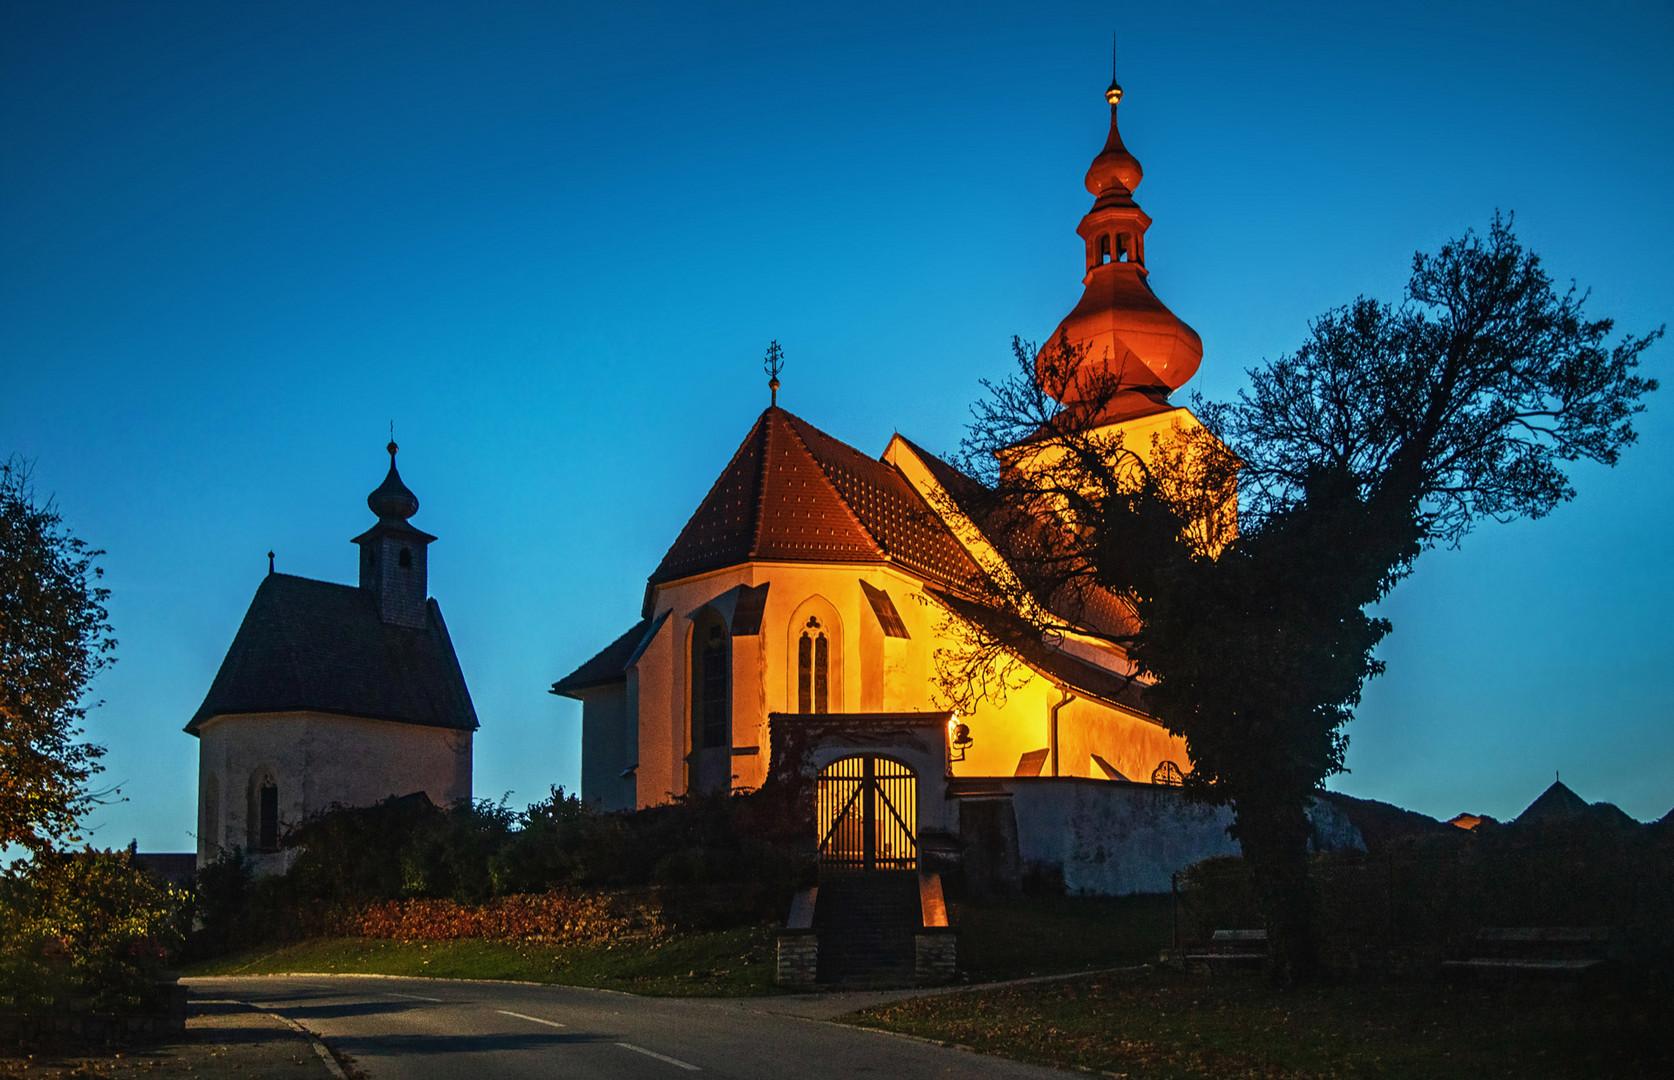 Pfarrkirche von Sankt Pangrazen in der Abenddämmerung